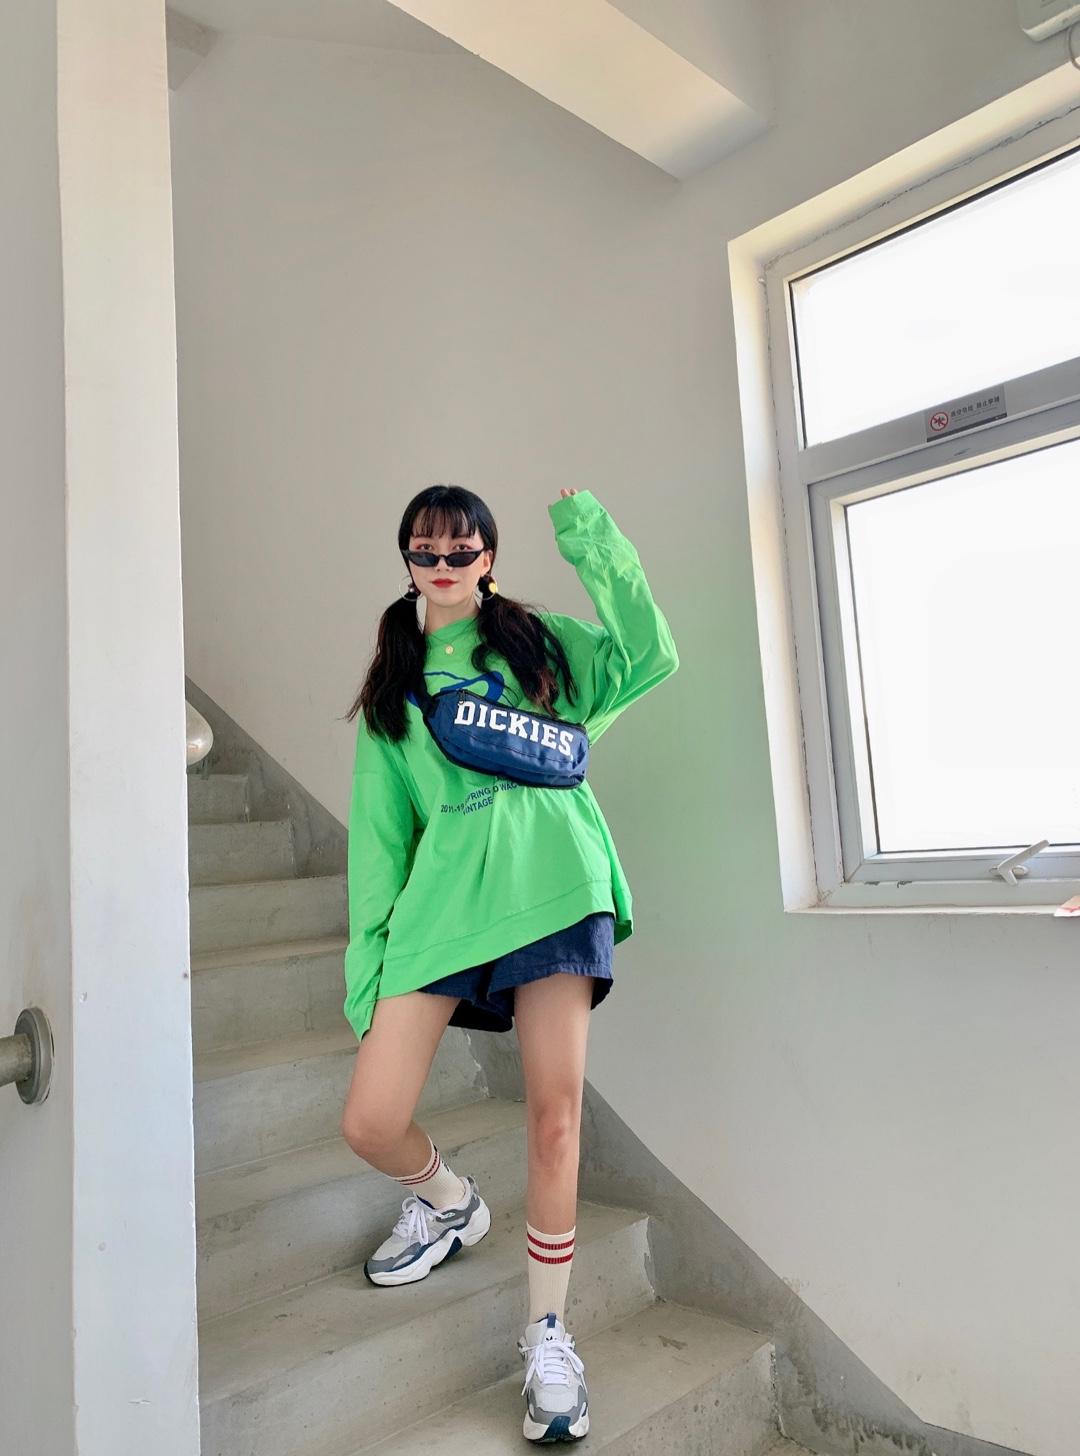 #盐系工装风,一穿就上头#一款绿色加大码的r字T 搭配一条牛仔色休闲半身裤 一款boom的长筒袜 搭配了Adidas这款运动鞋 无敌显高!!!可甜可盐的工装风